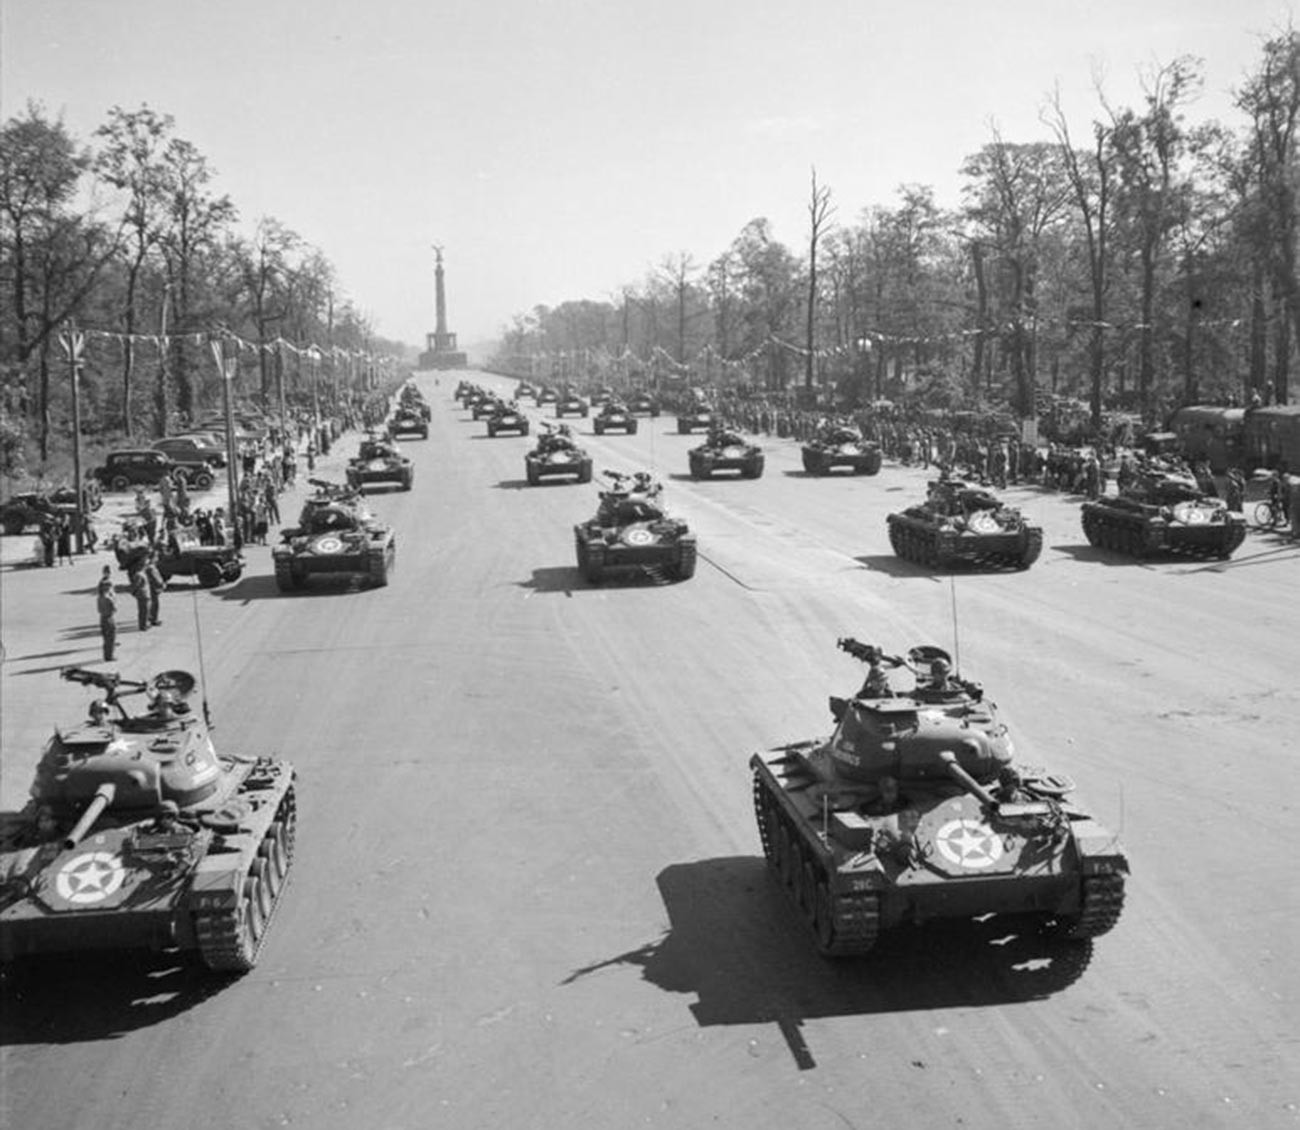 Carri armati leggeri statunitensi M24